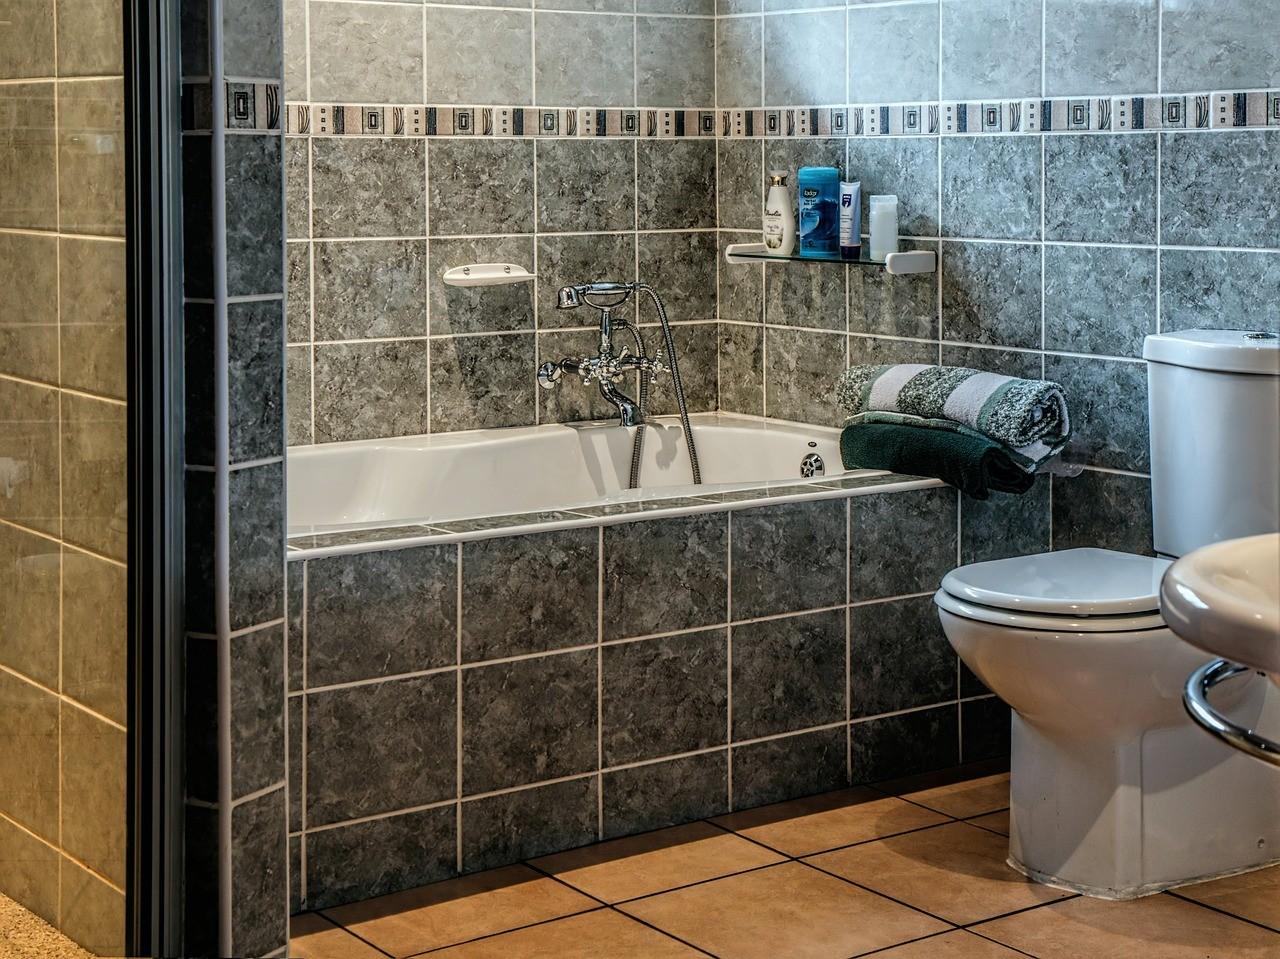 barrierearm ohne umbau -teil 1: das badezimmer - funktioform.de, Badezimmer ideen